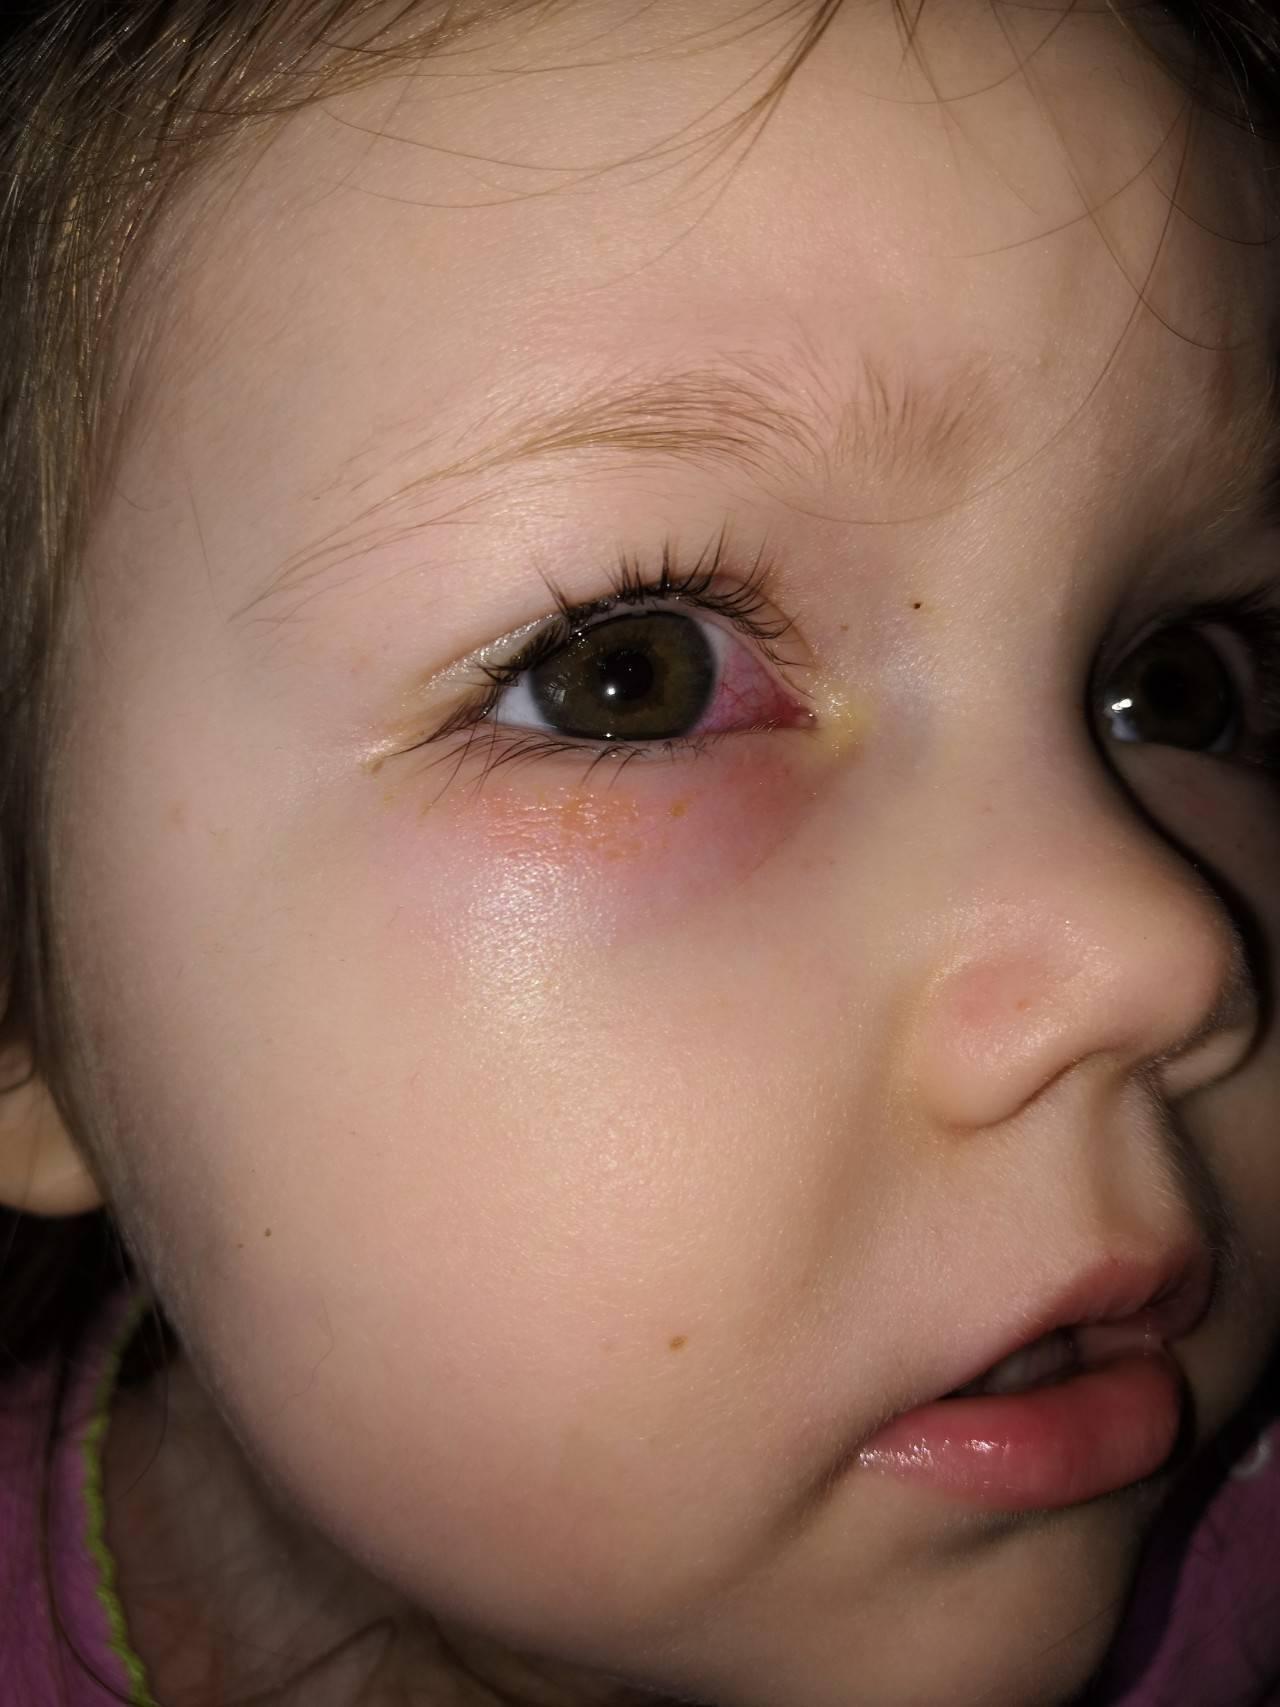 неотложная помощь при ожоге глаз щелочью